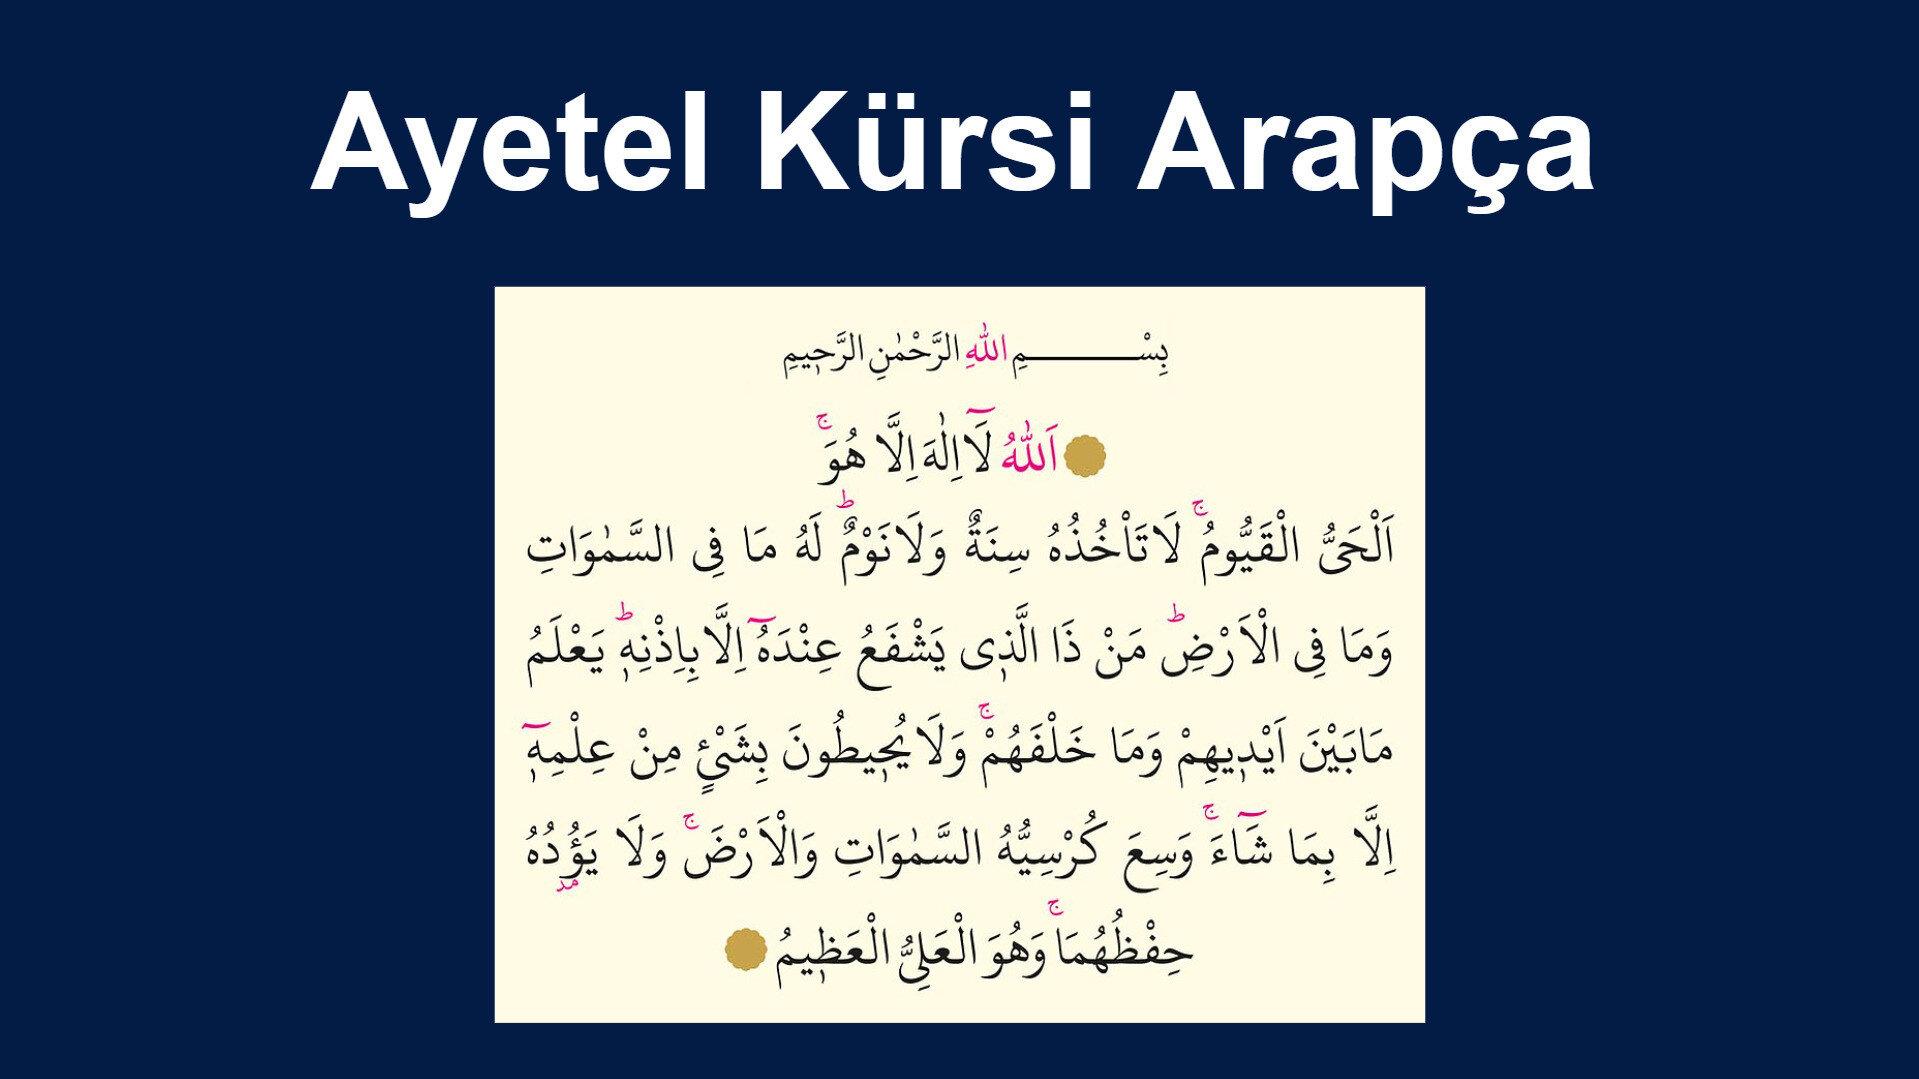 Ayetel Kürsi Arapça